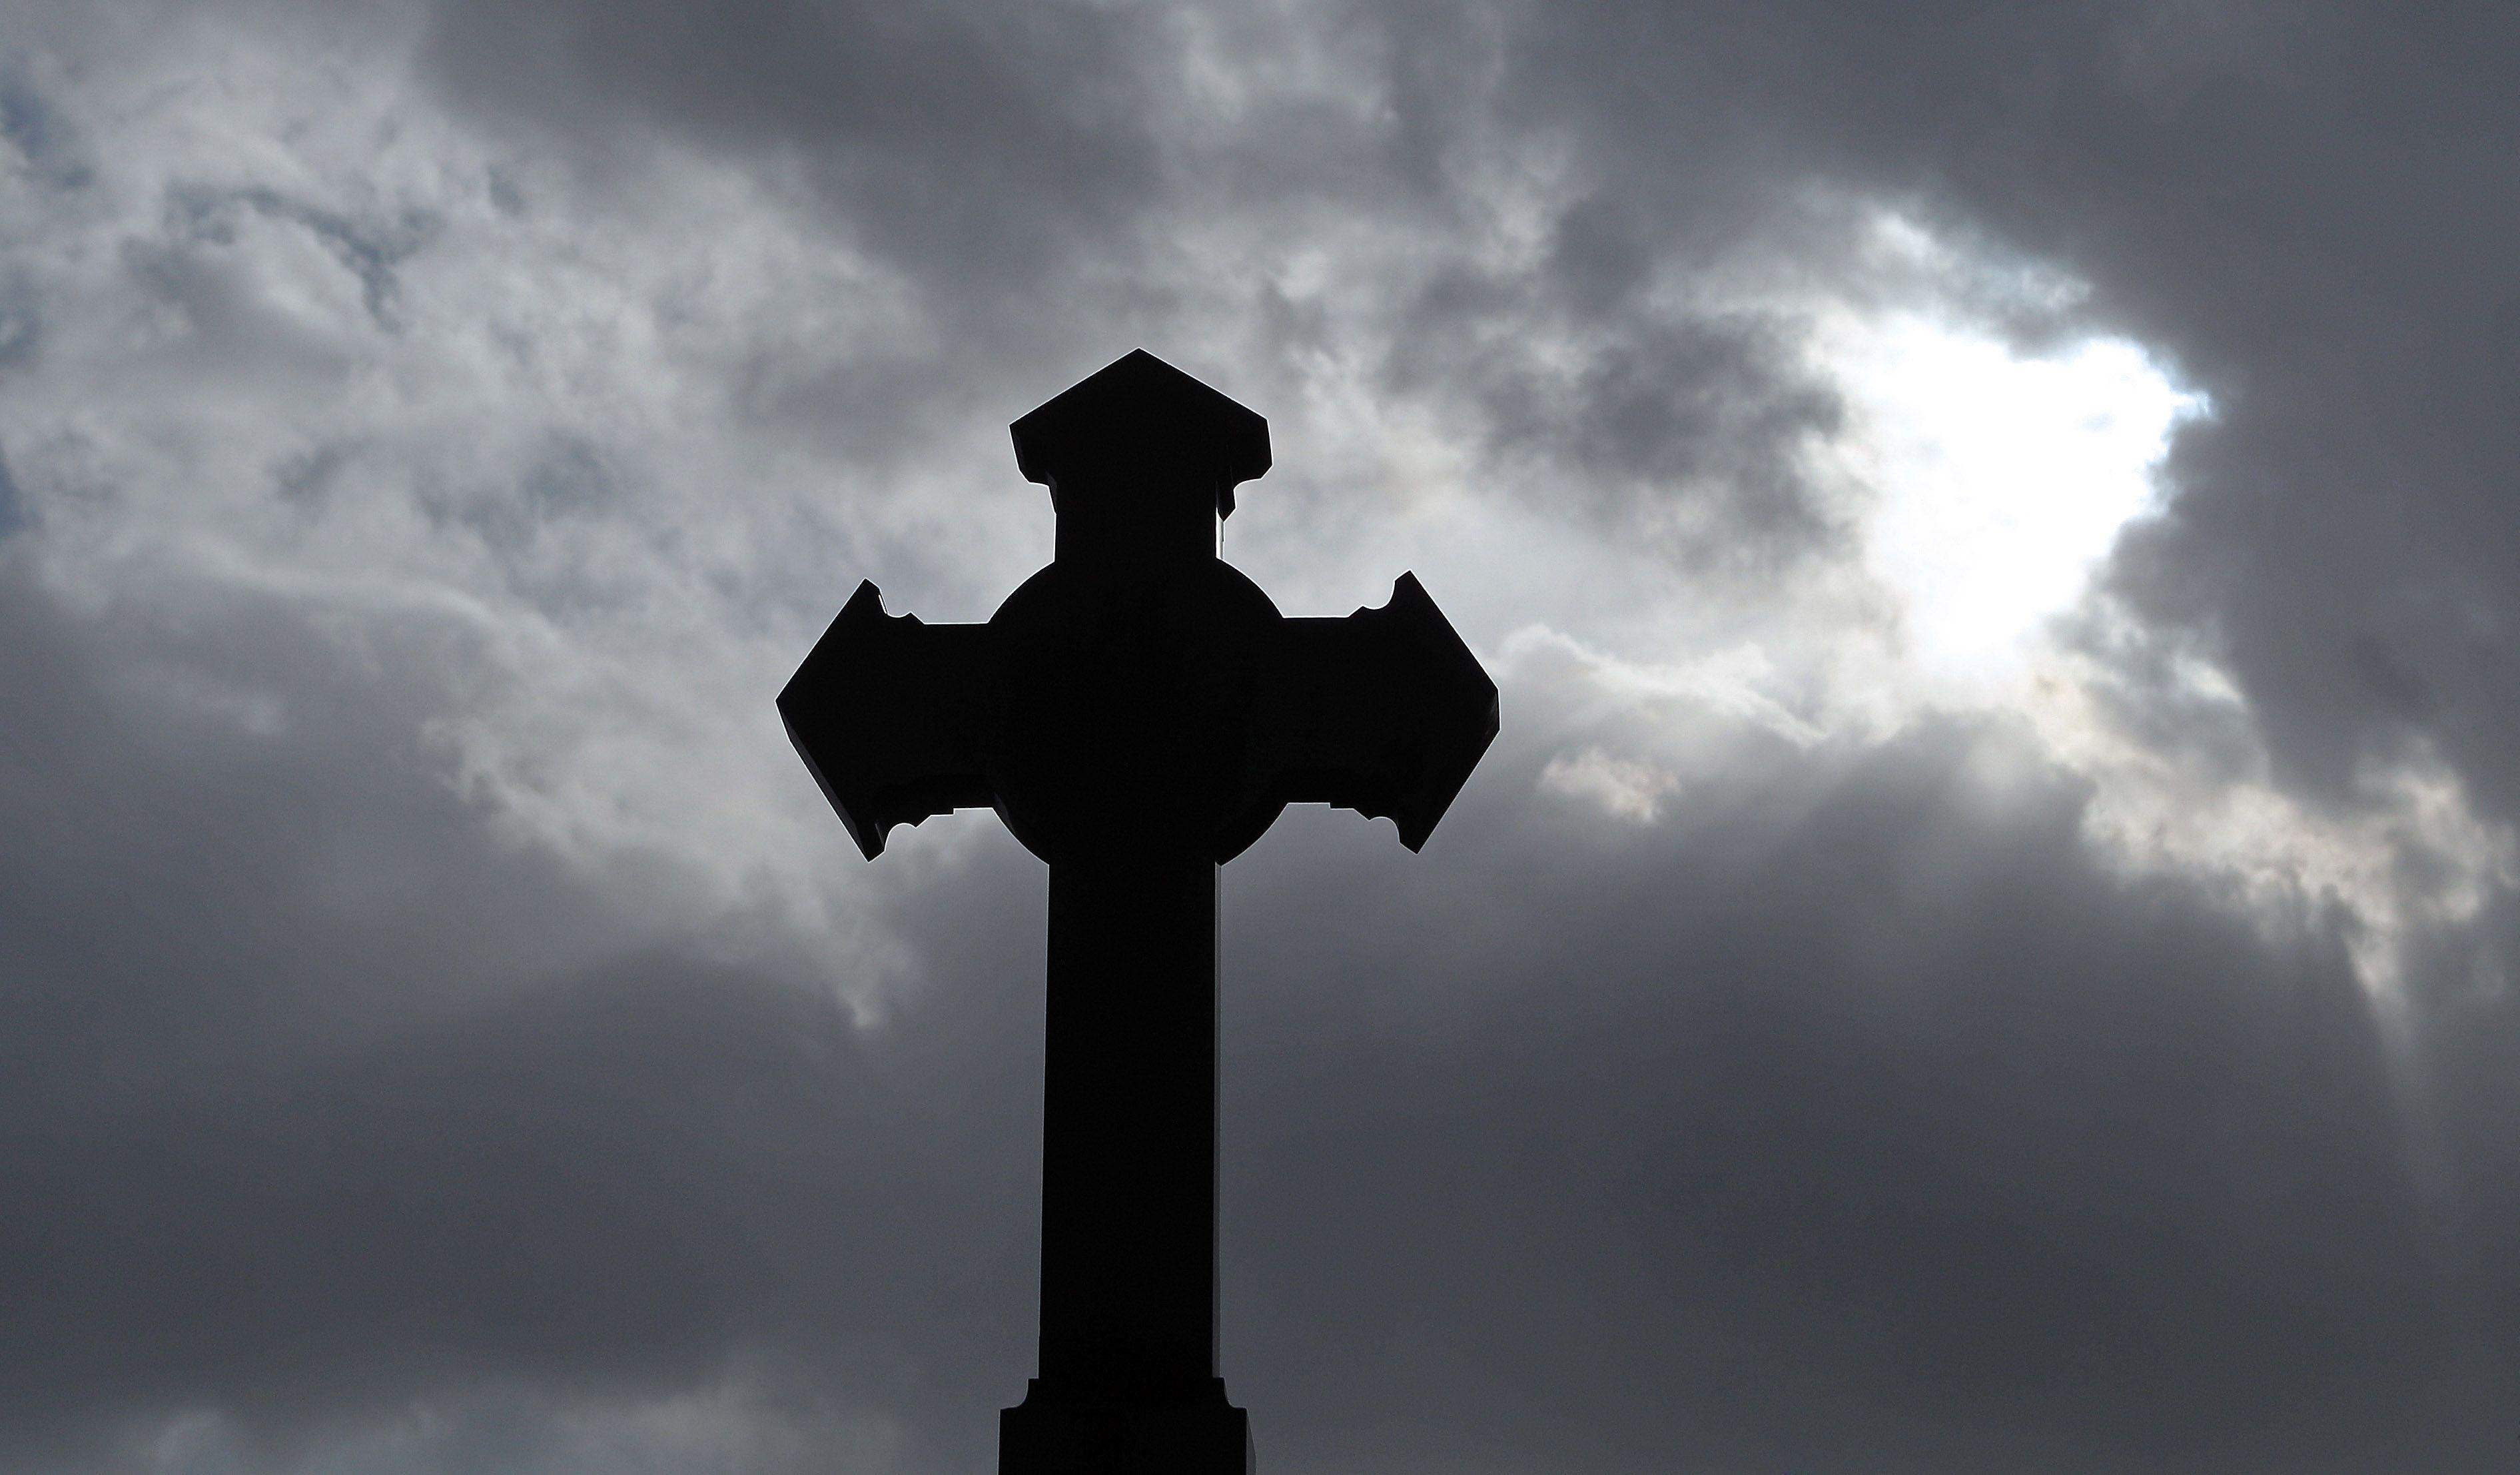 Beziehungstat in Bludenz: 21-Jährige gestorben